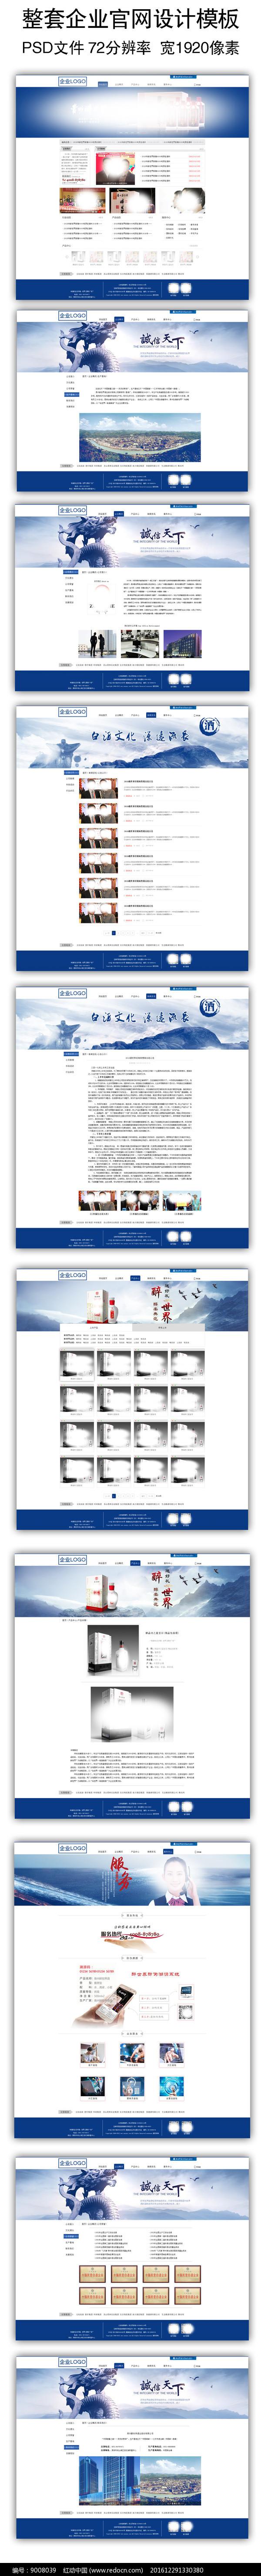 整套酒类企业官方网站设计模板图片